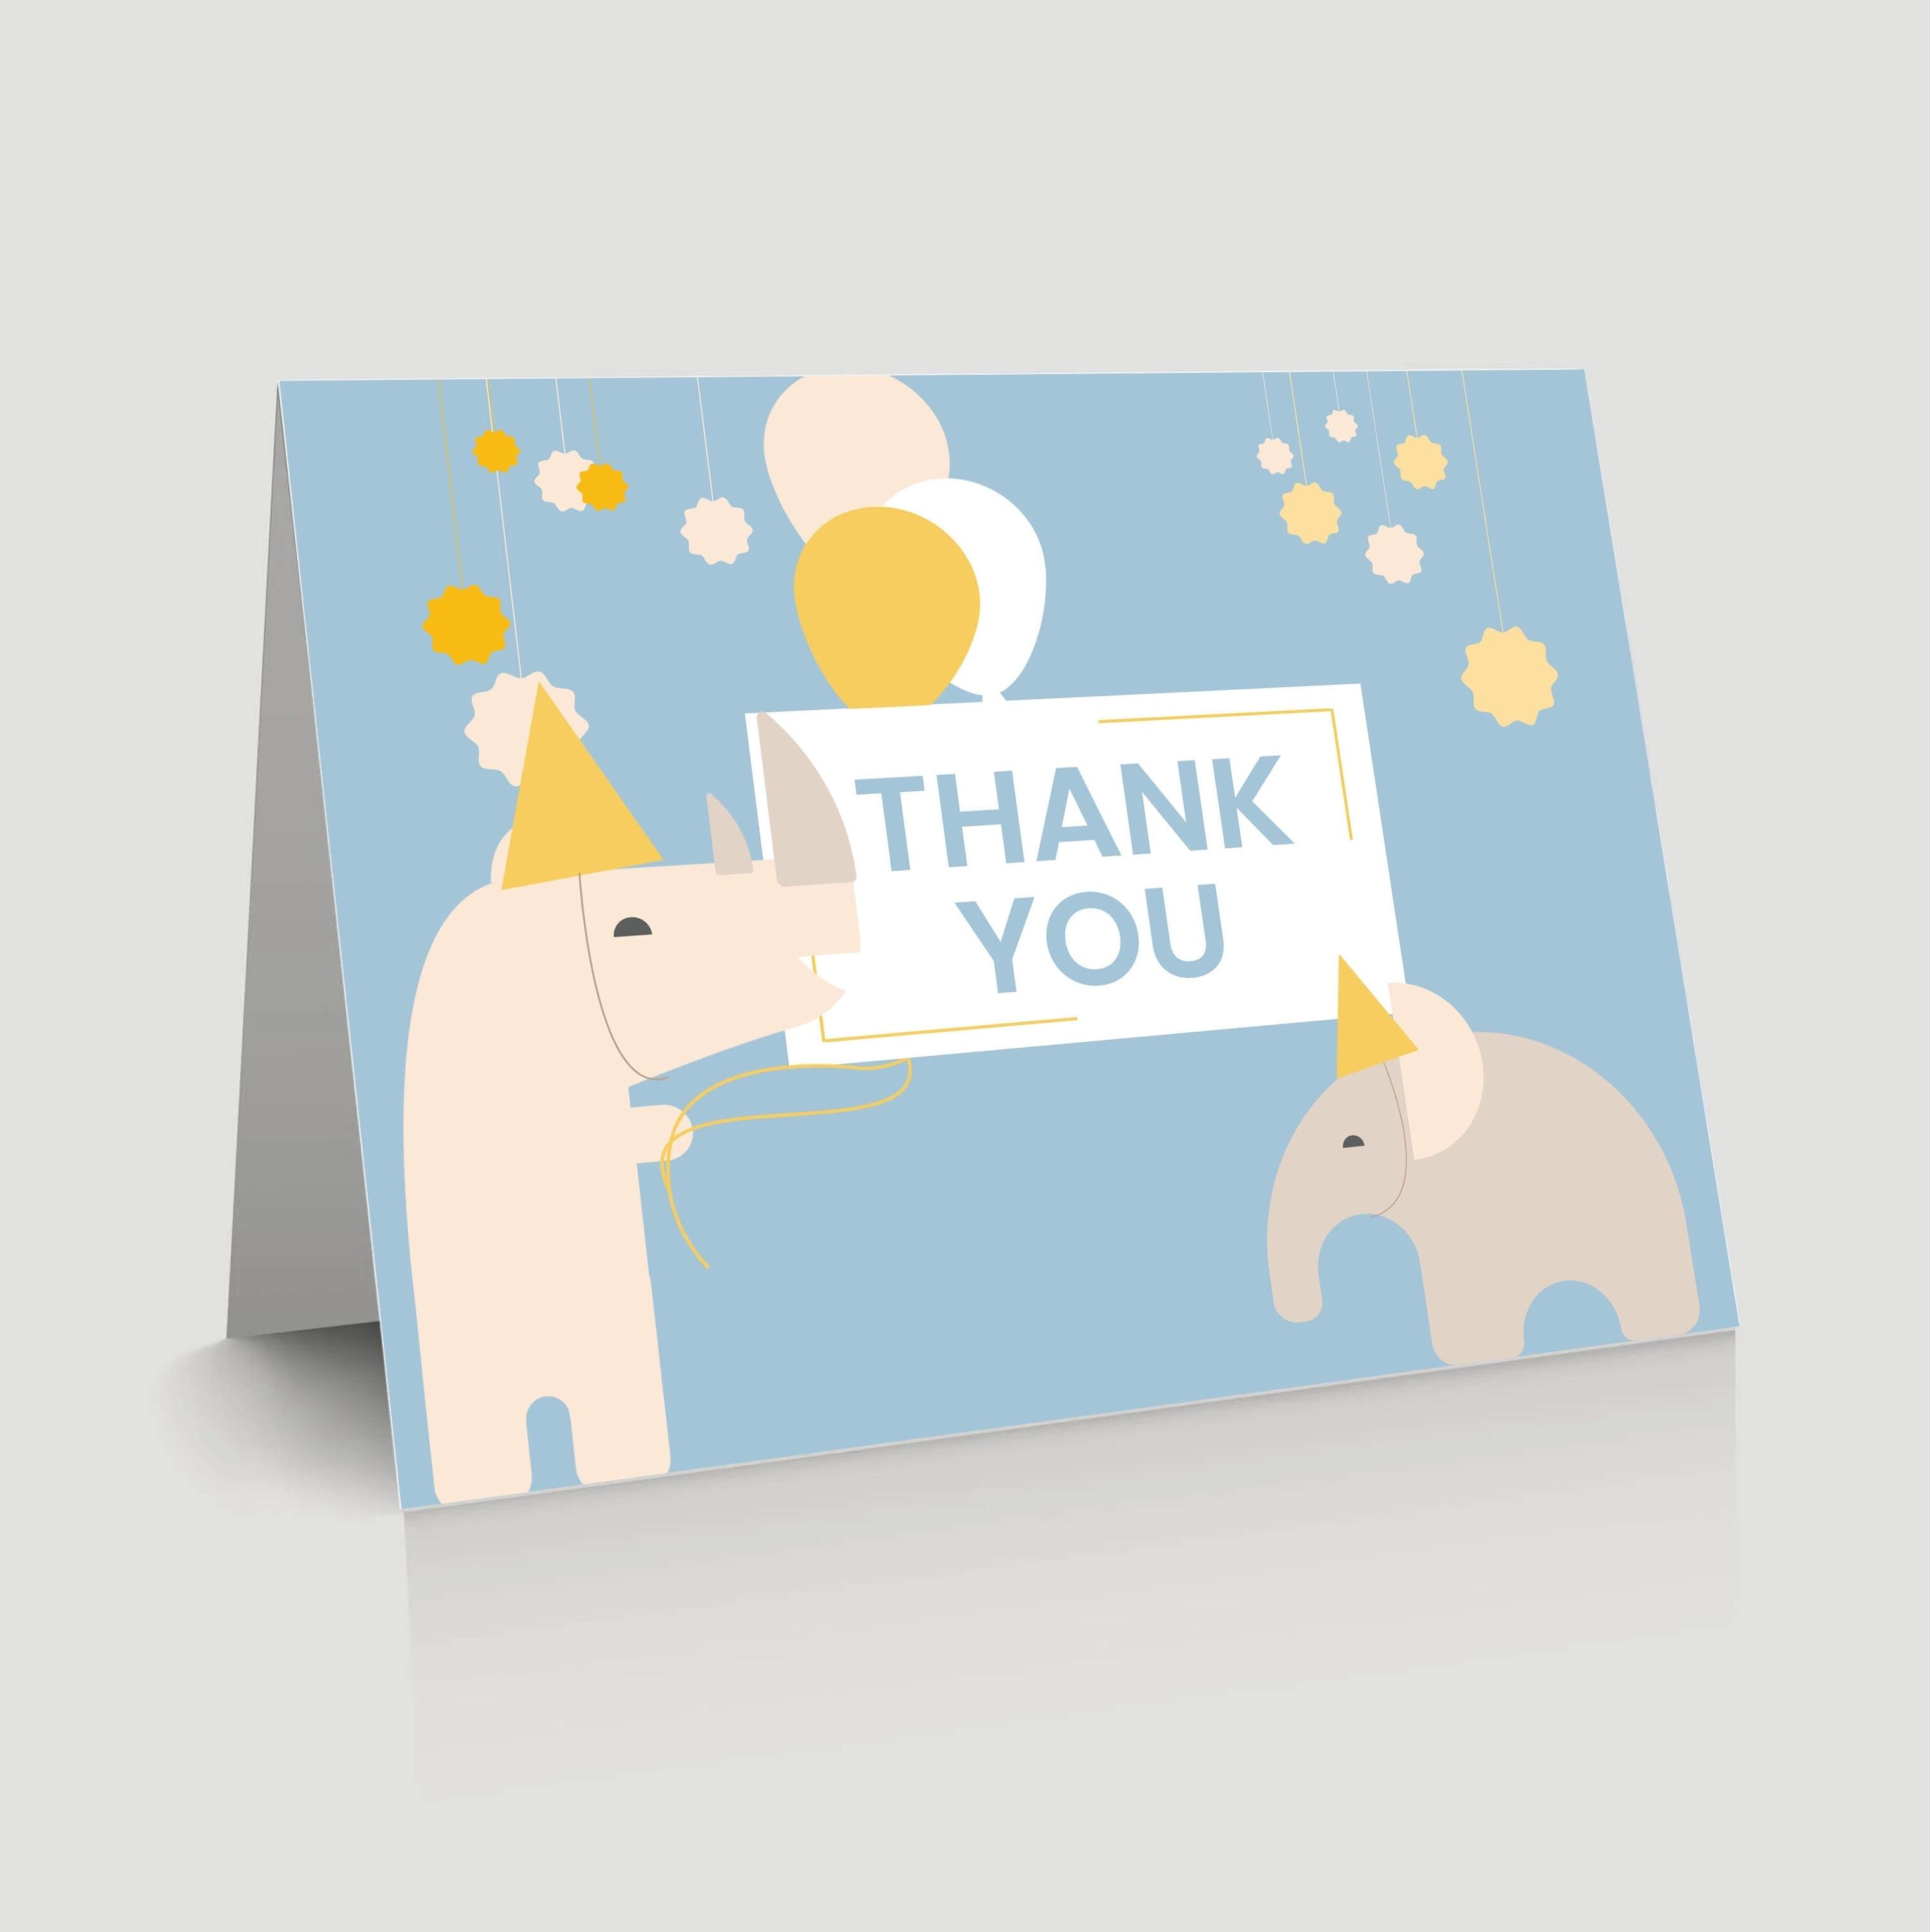 WebBabyShower - thank you card - rhinos and elephant